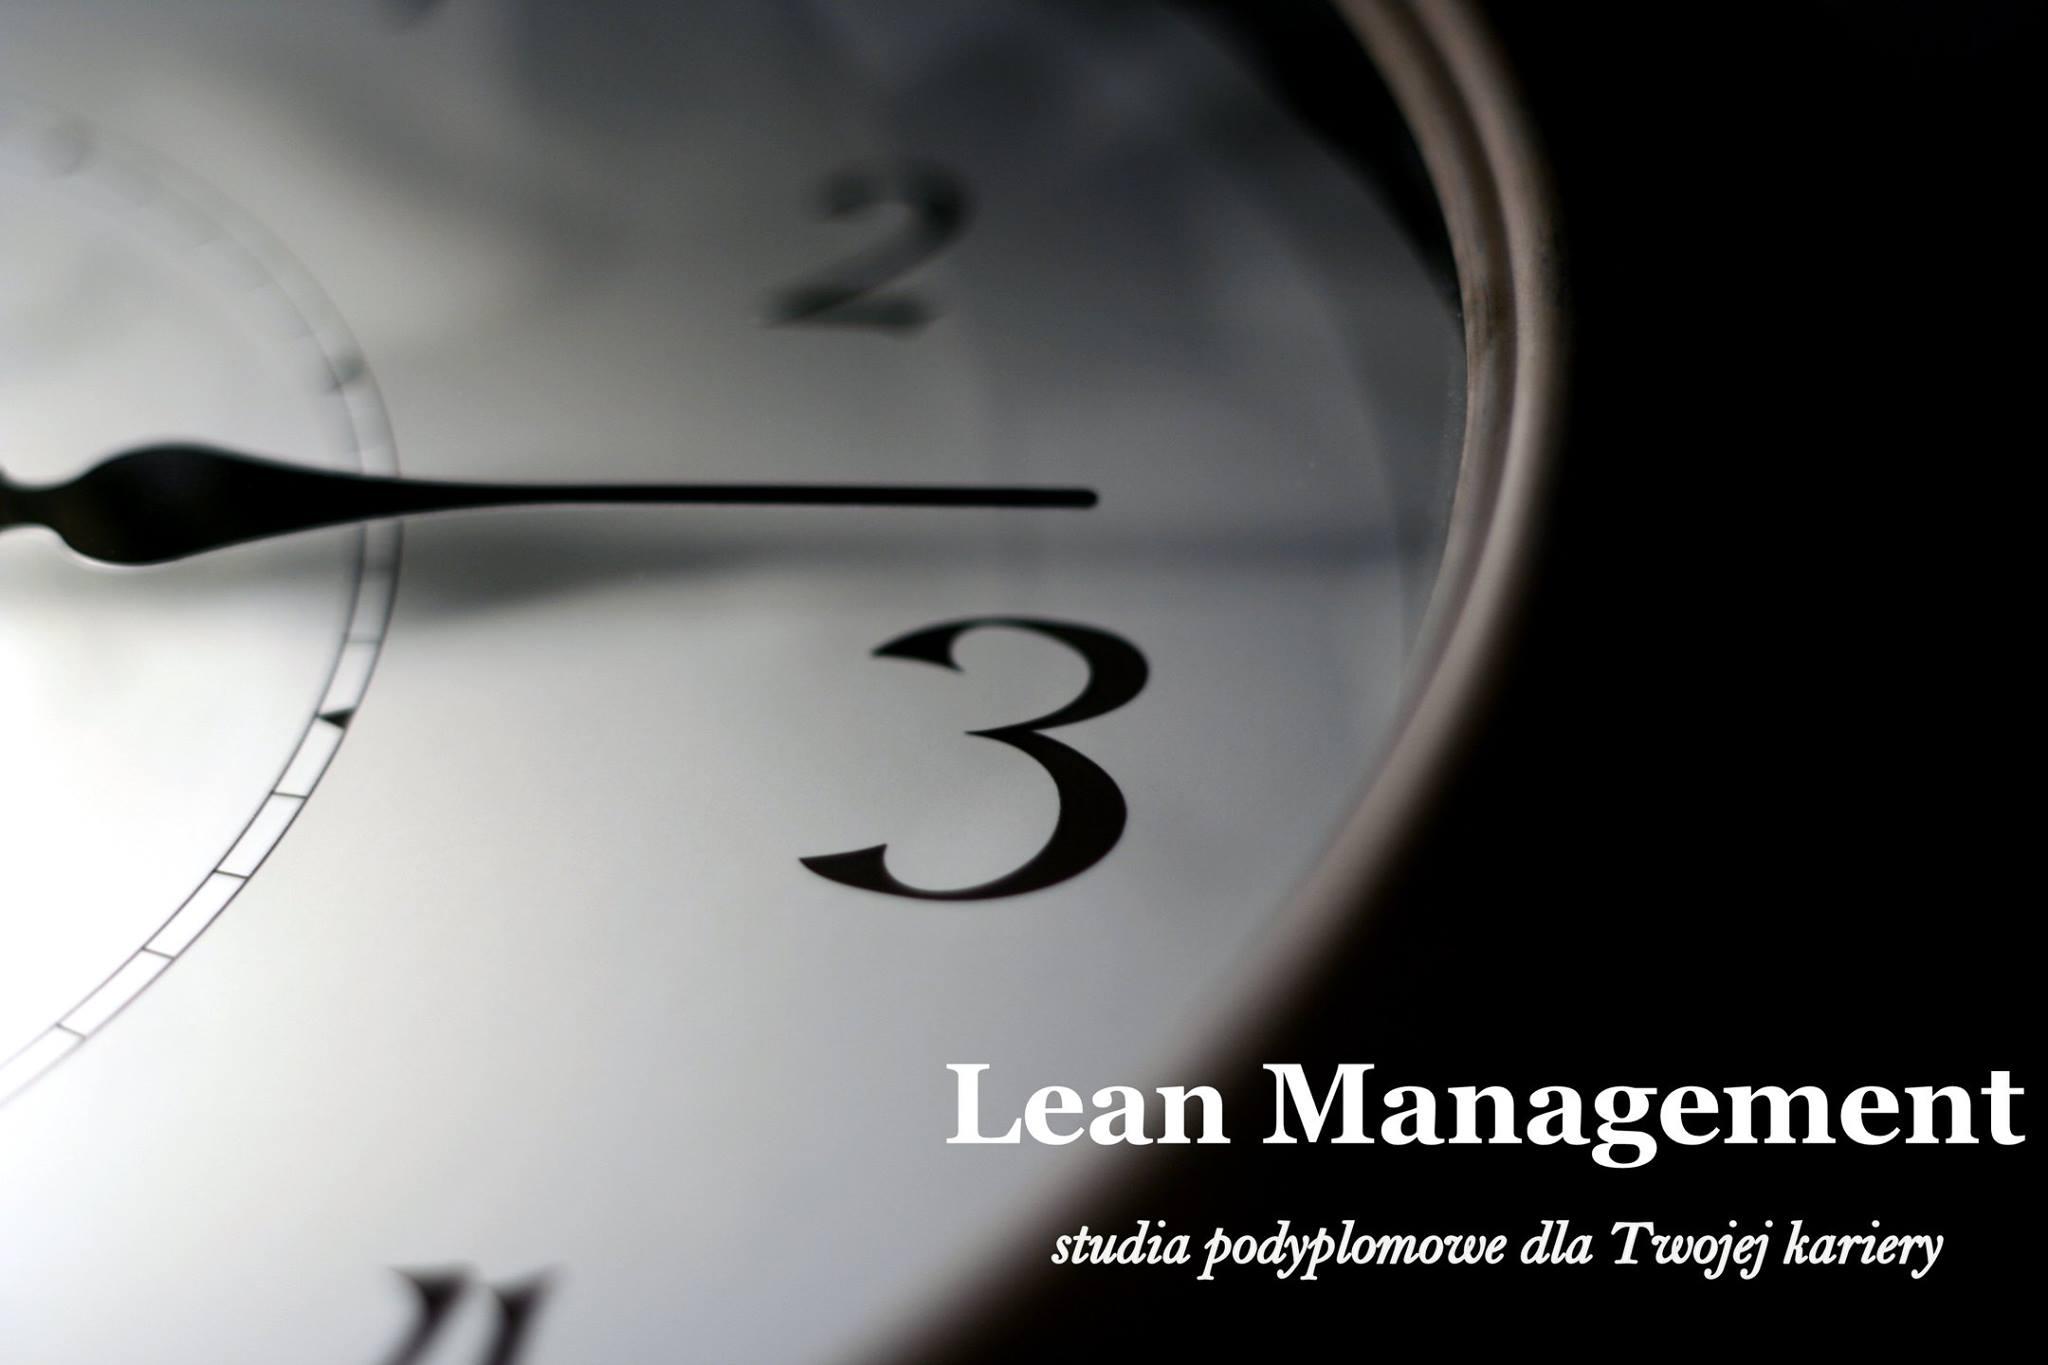 Wskazówka i fragment zegara. TekstL :ean Management, studia podyplomowe dla Twojej kariery